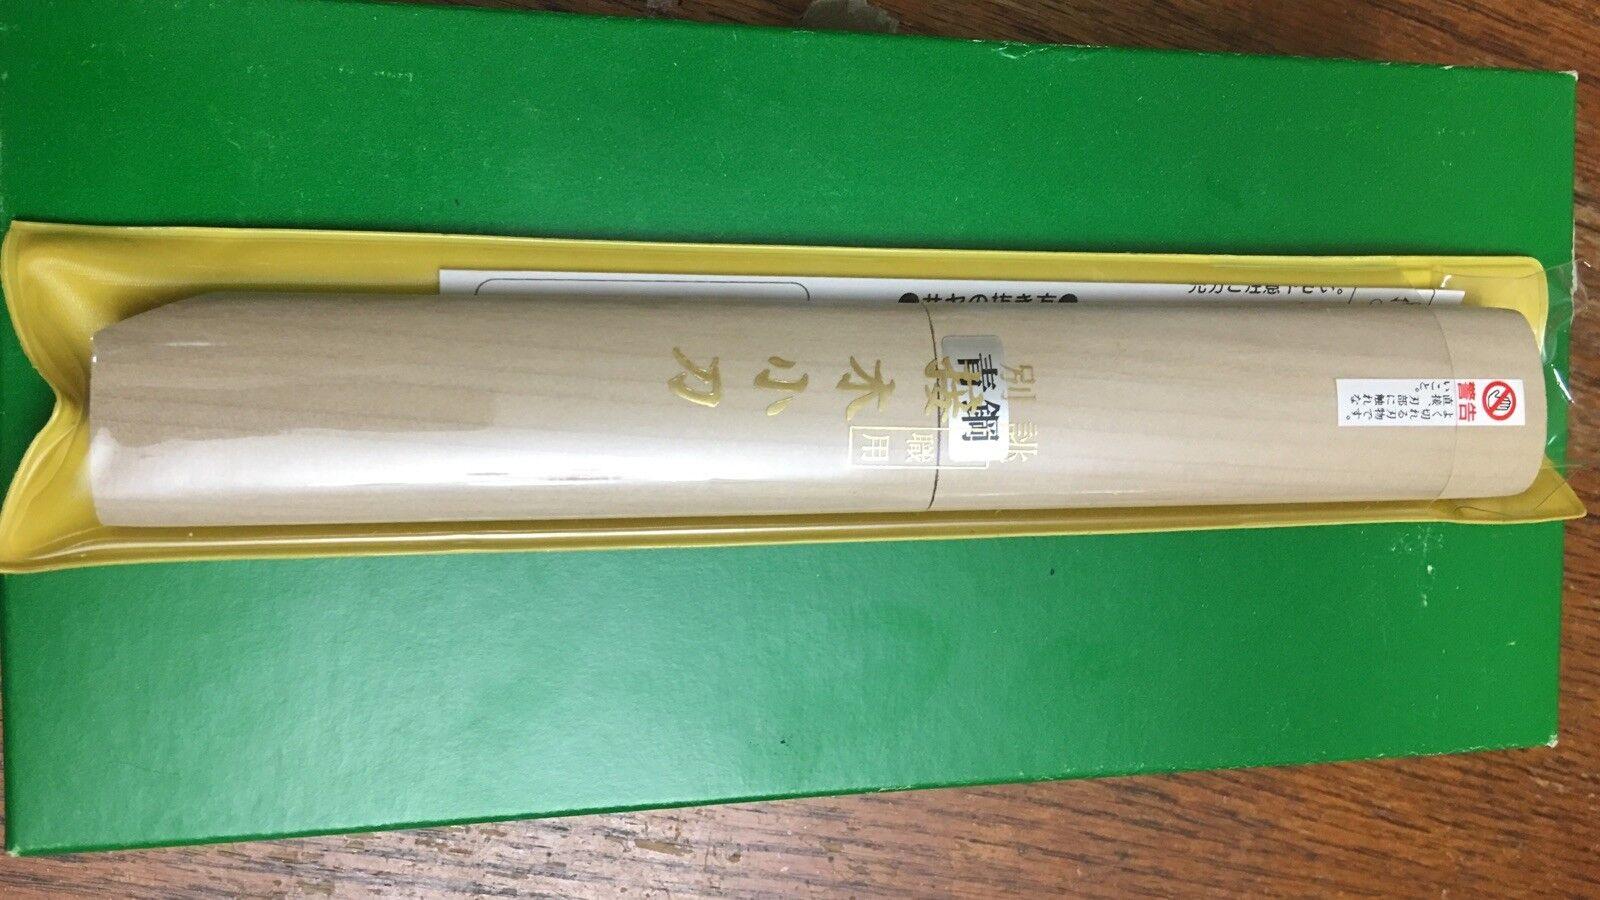 Bonsai herramienta kaneshin 232mm Navaja de injertar